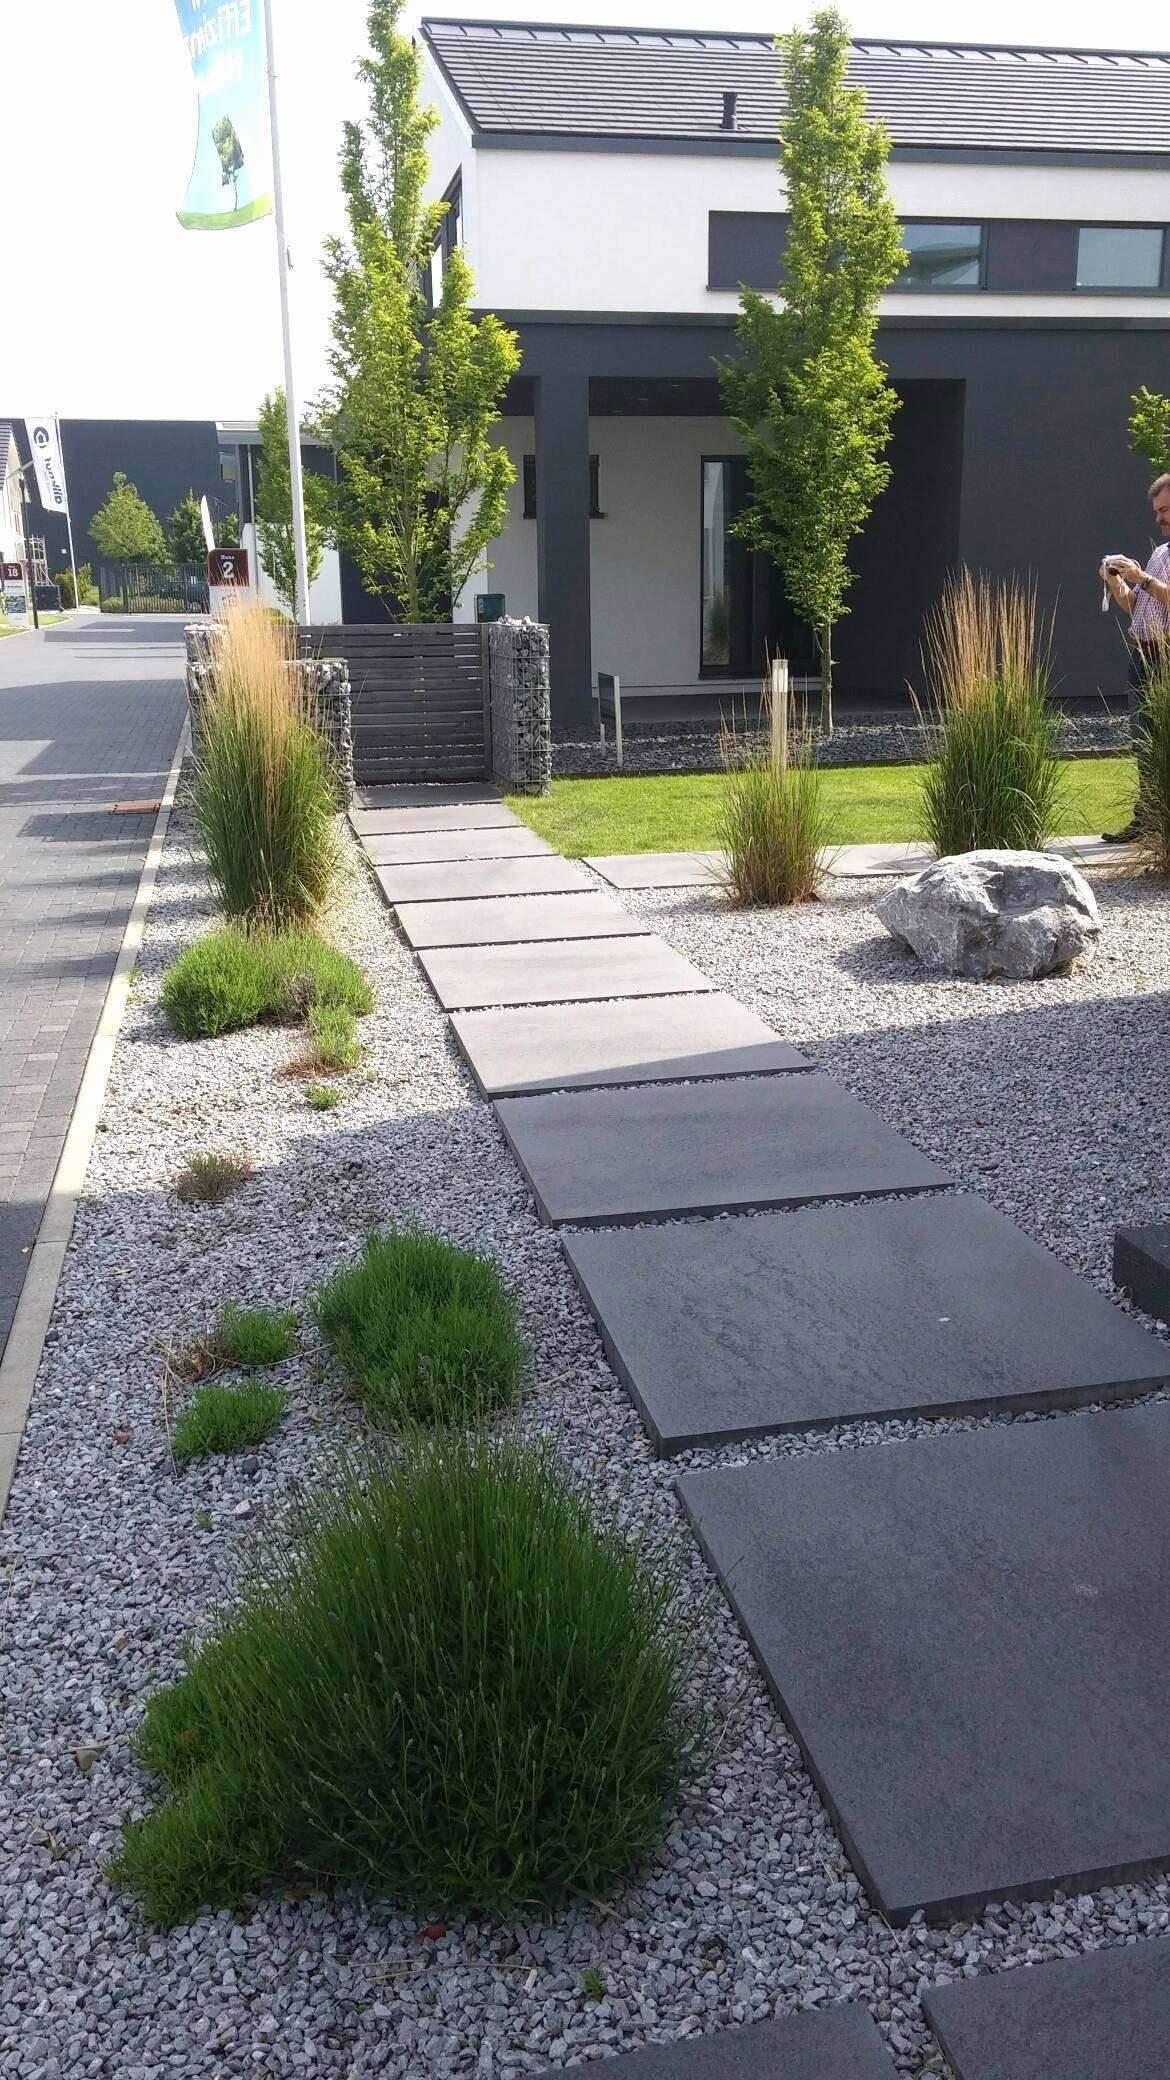 Garten Beispiele Schön Garten Ideas Garten Anlegen Lovely Aussenleuchten Garten 0d